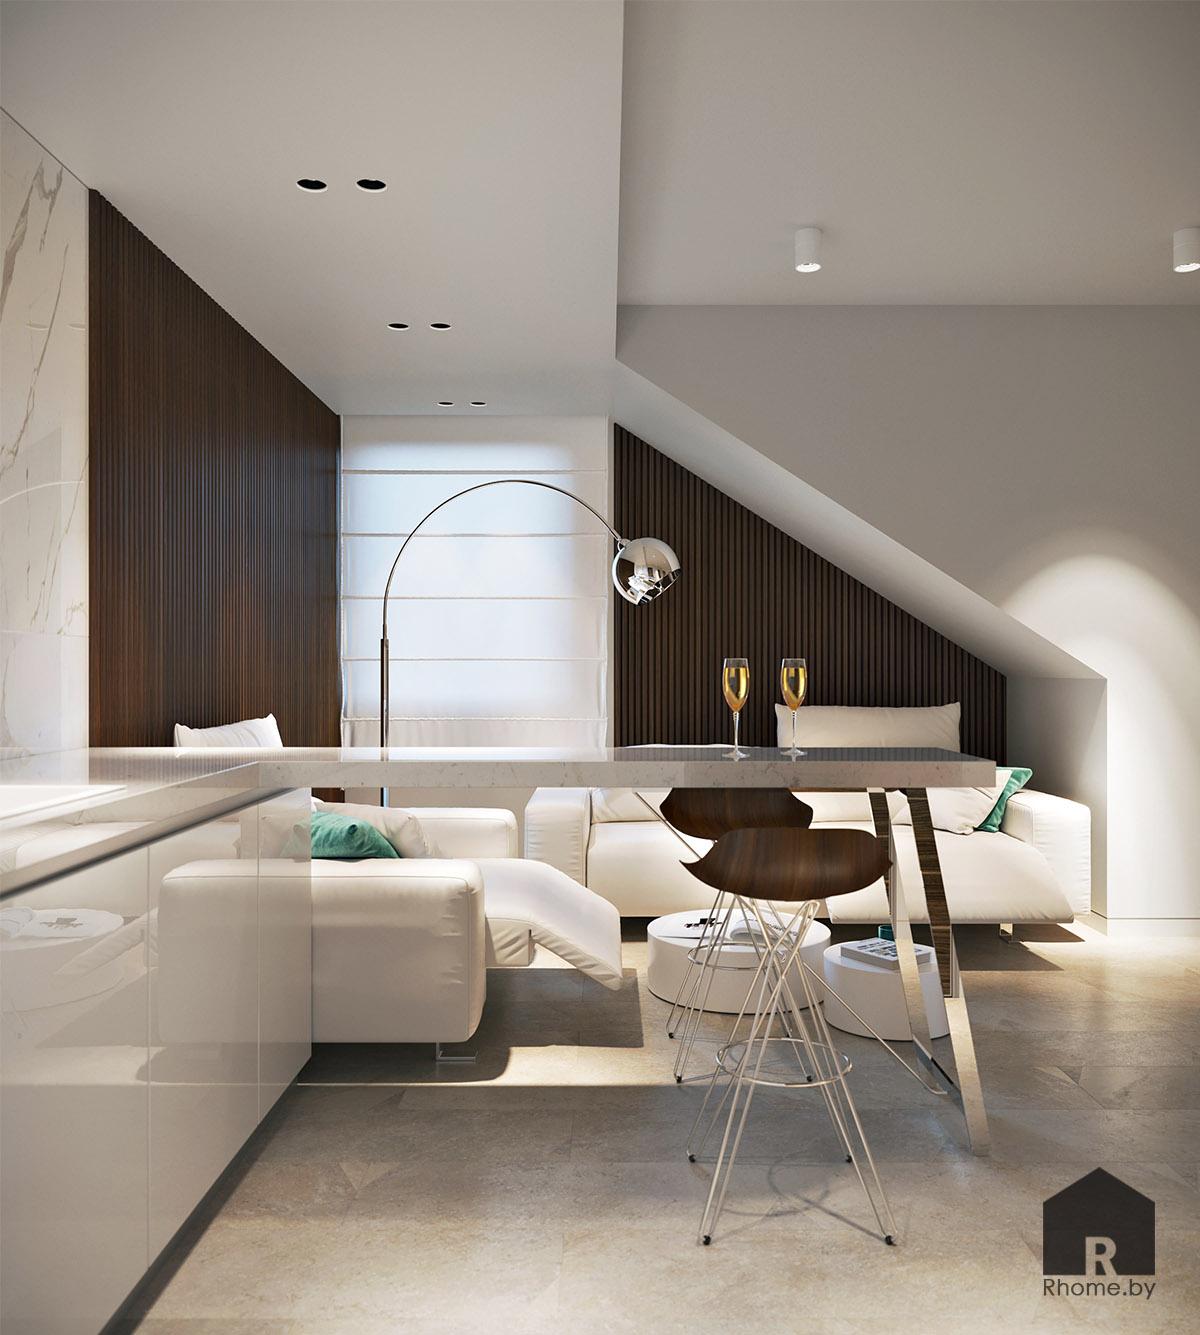 Дизайн интерьера комнаты отдыха в Березовой роще   Дизайн студия – Rhome.by